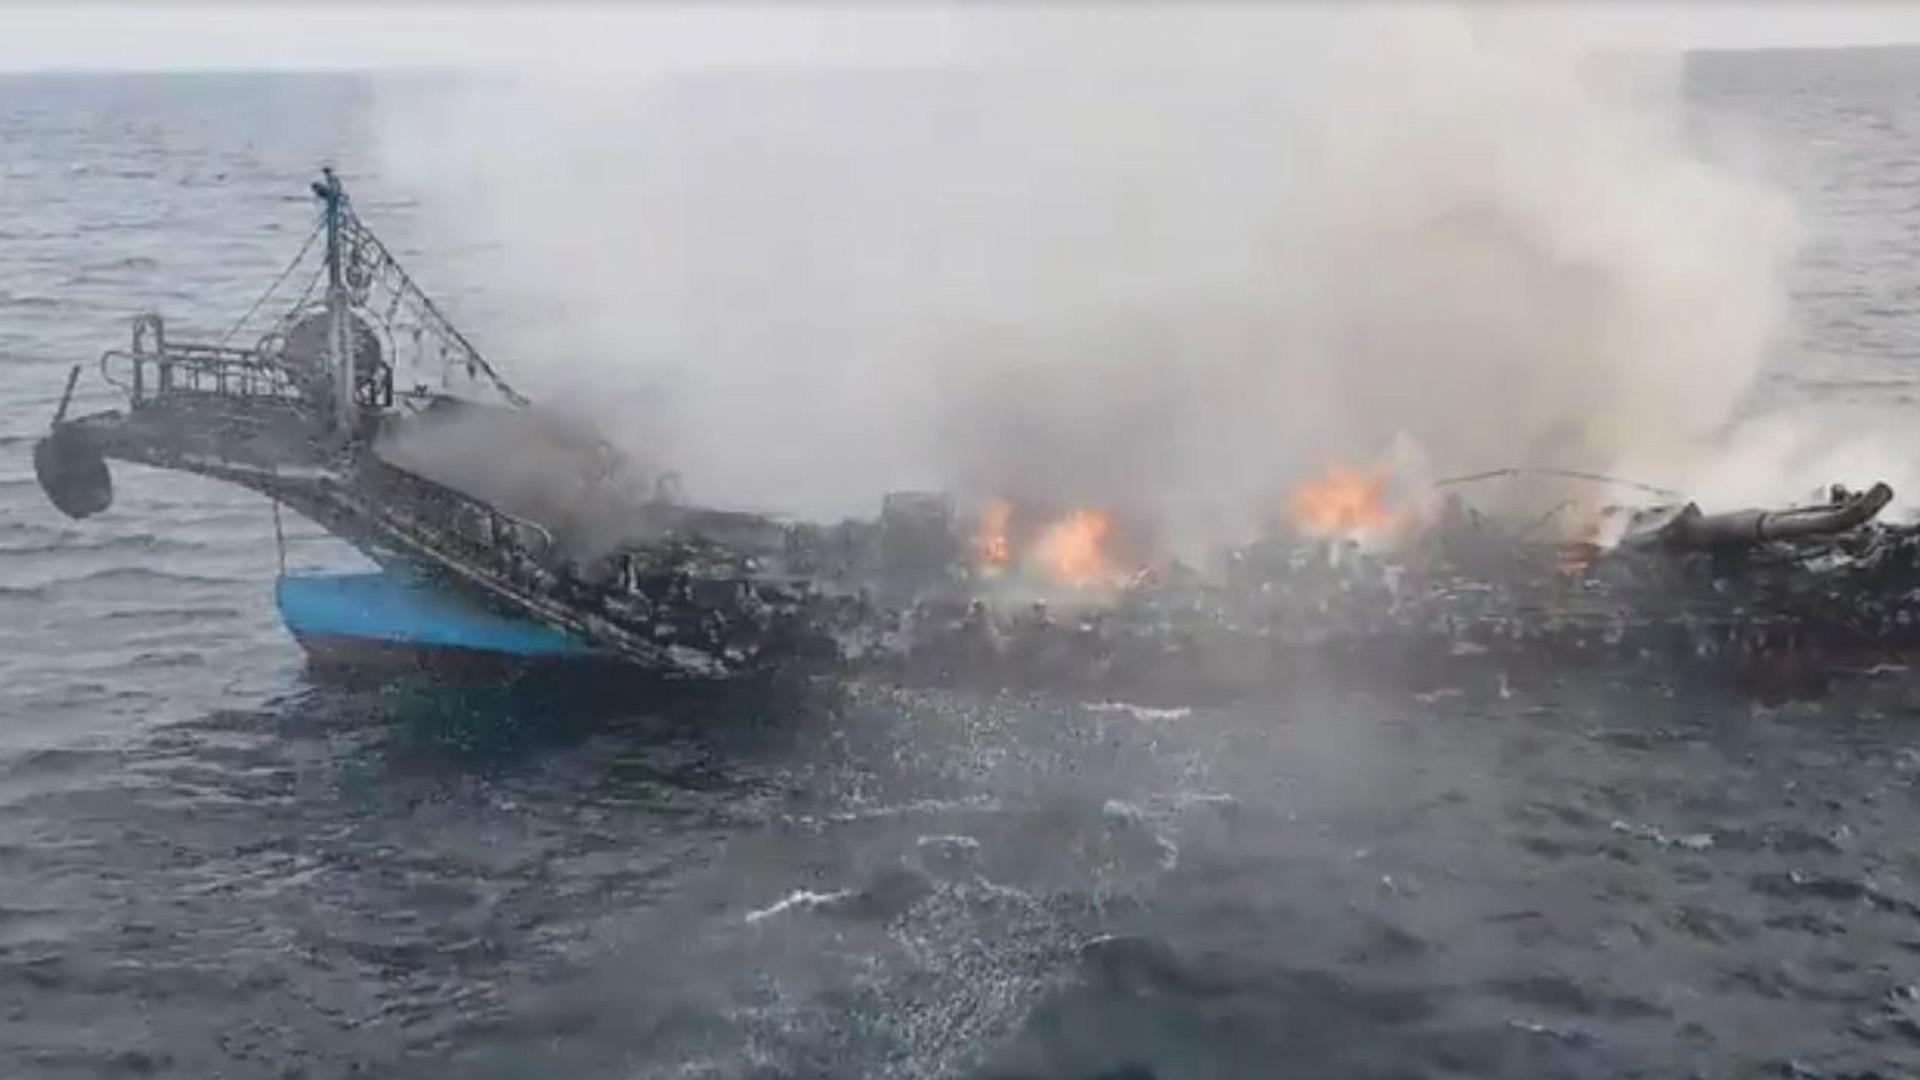 제주 우도 해상서 낚시어선에 불…승선원 16명 모두 구조